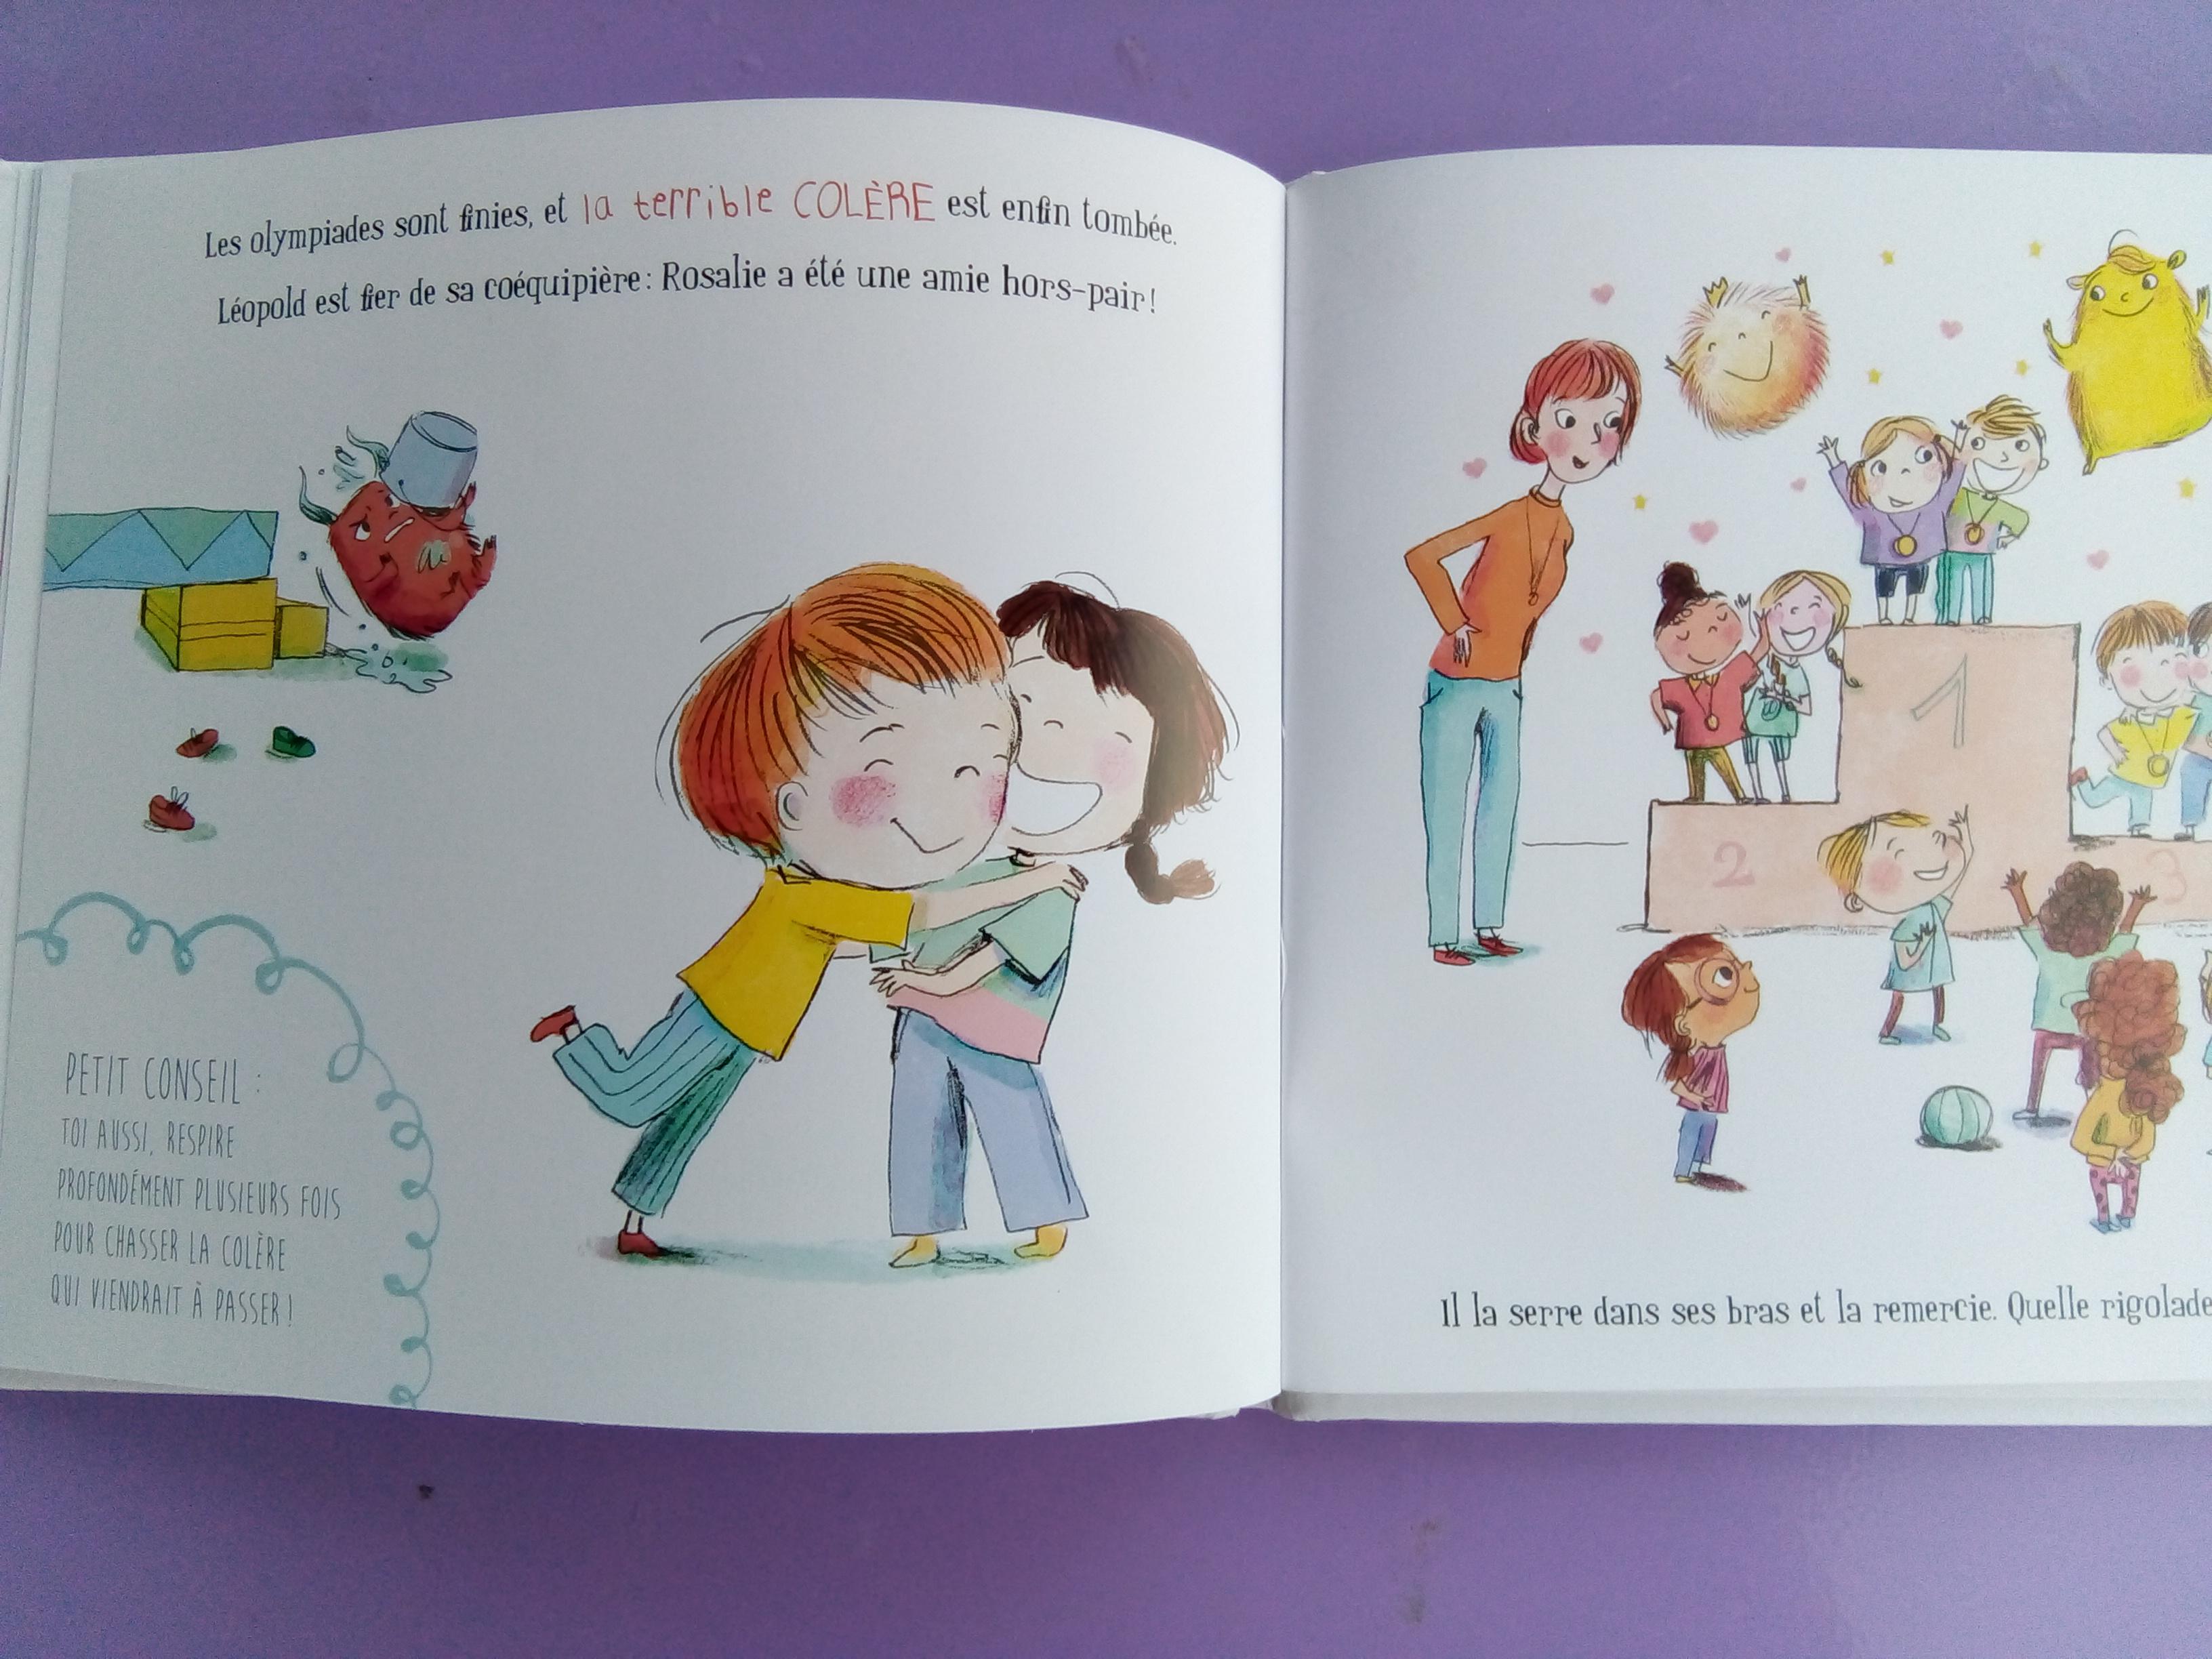 livre de mes émotions colère enfants